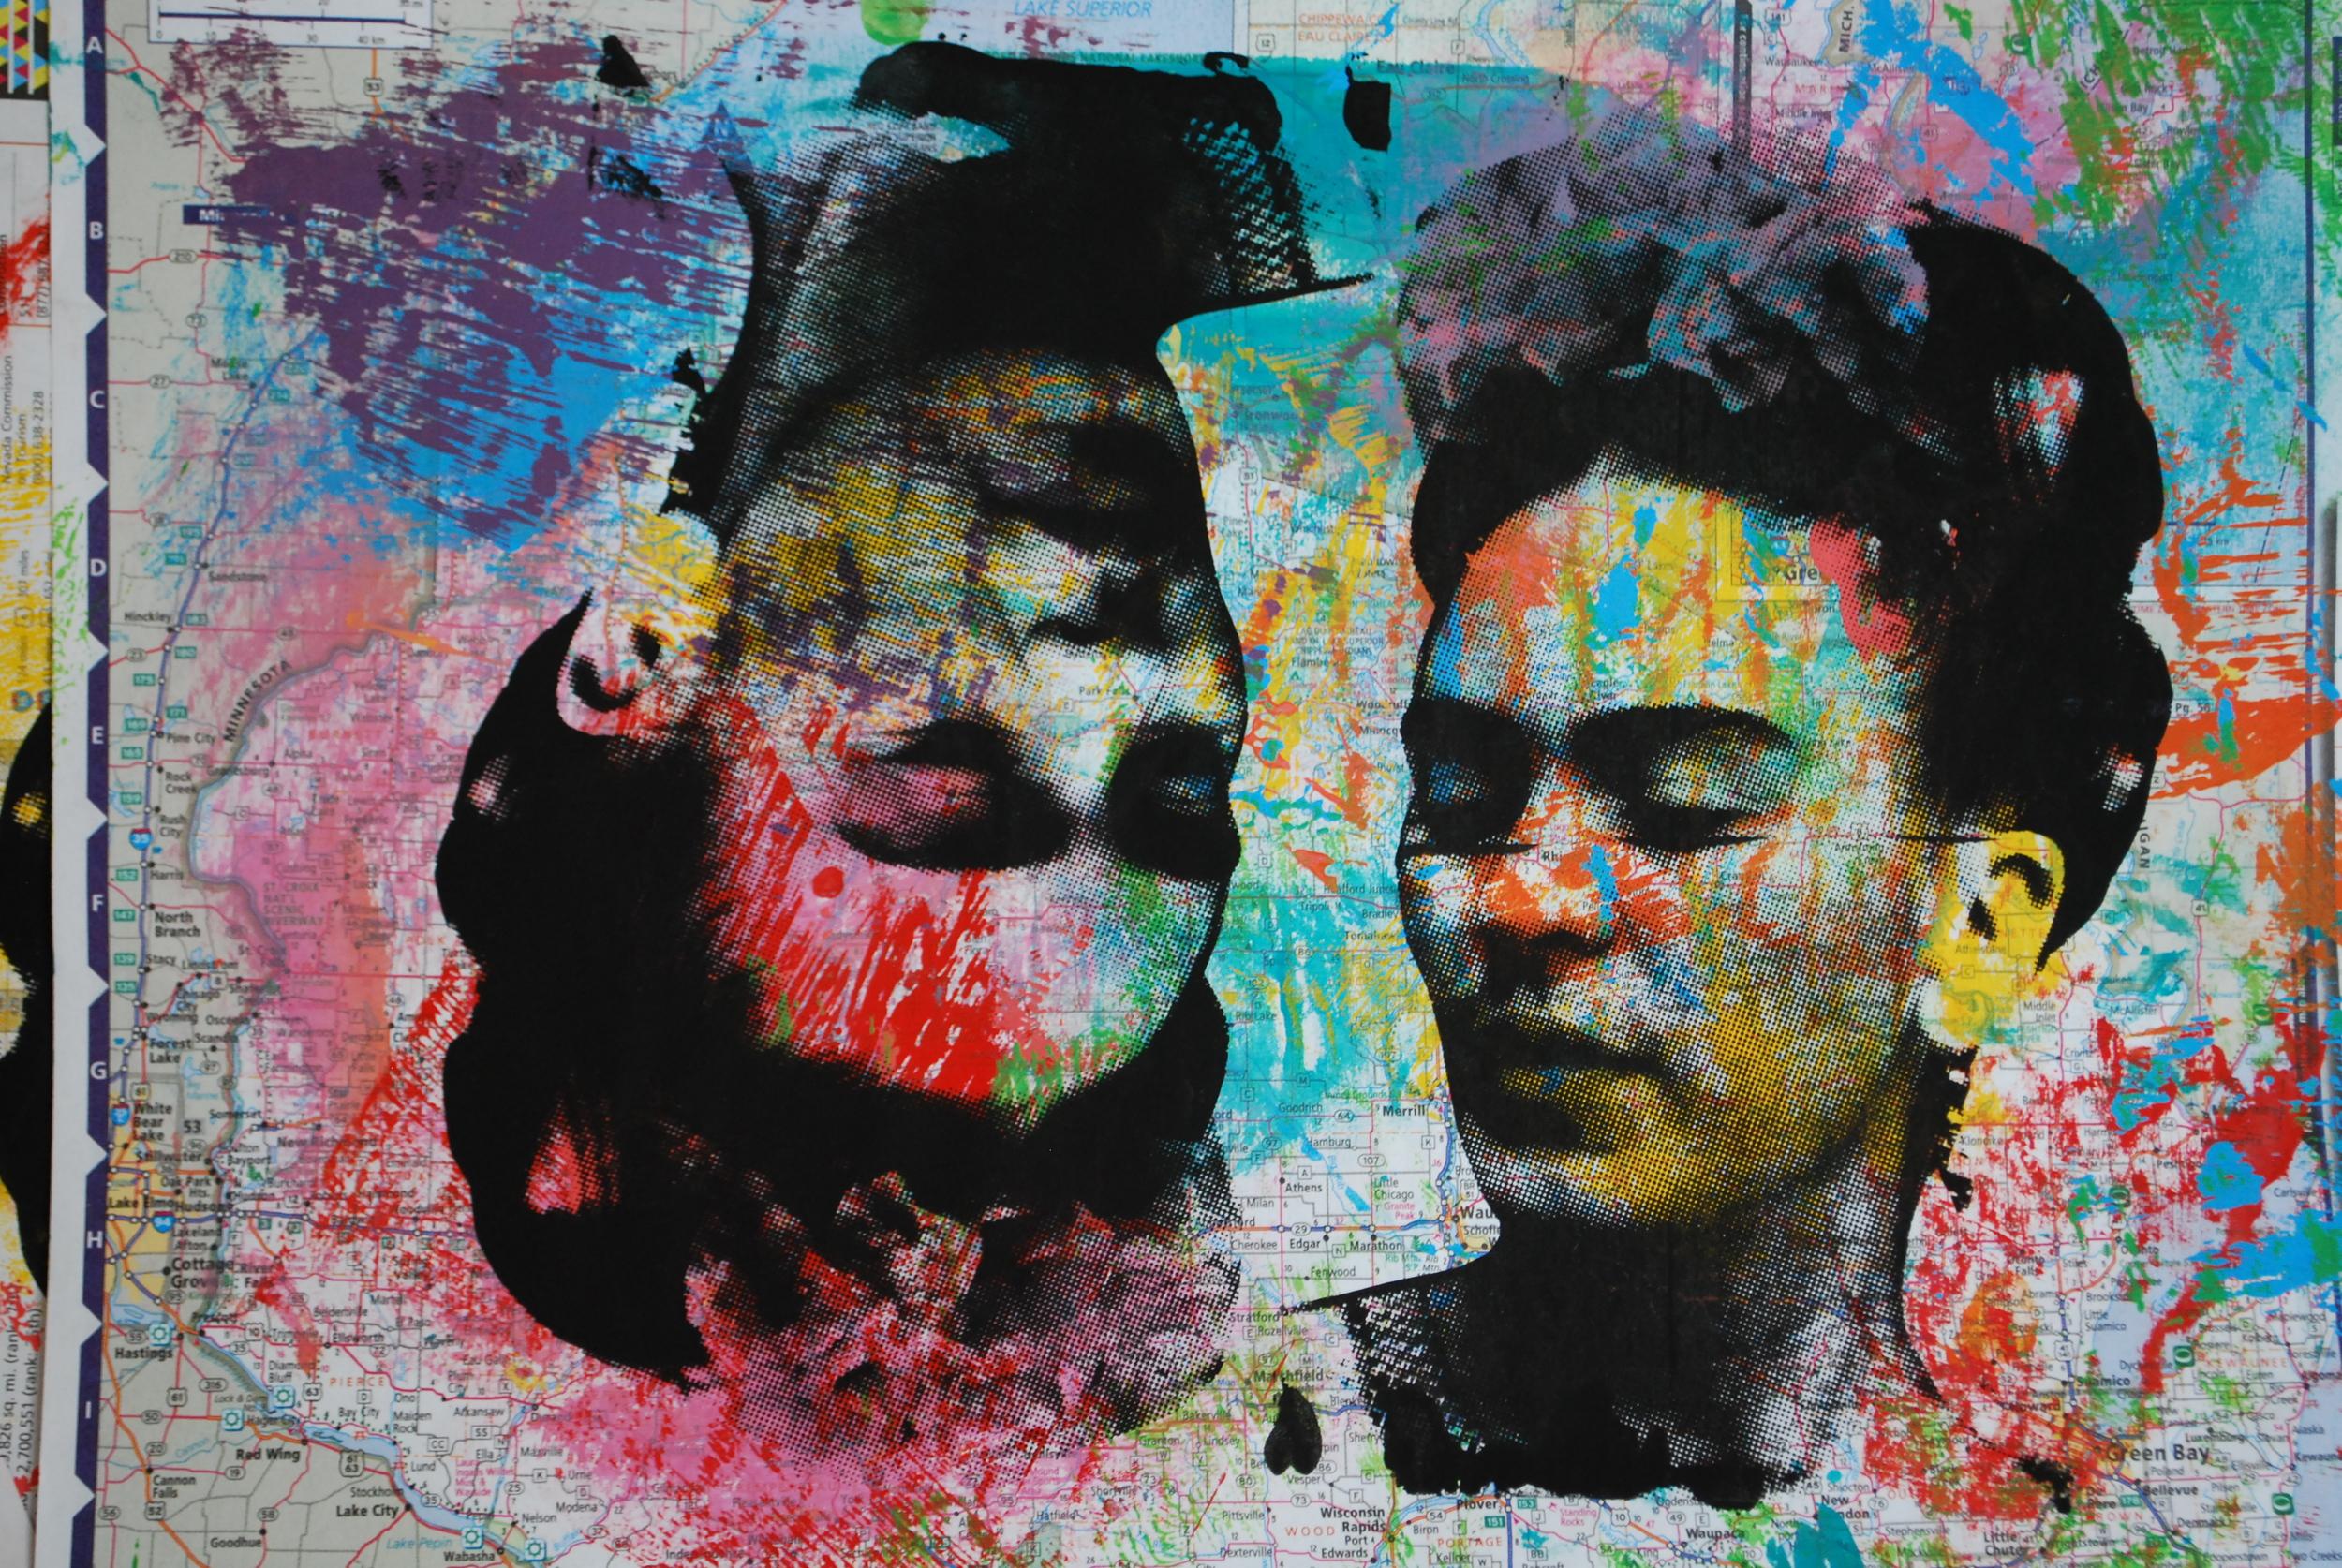 Frida Mapa Chiquito 2. 15.5 x 10.5 in Sold / Vendido